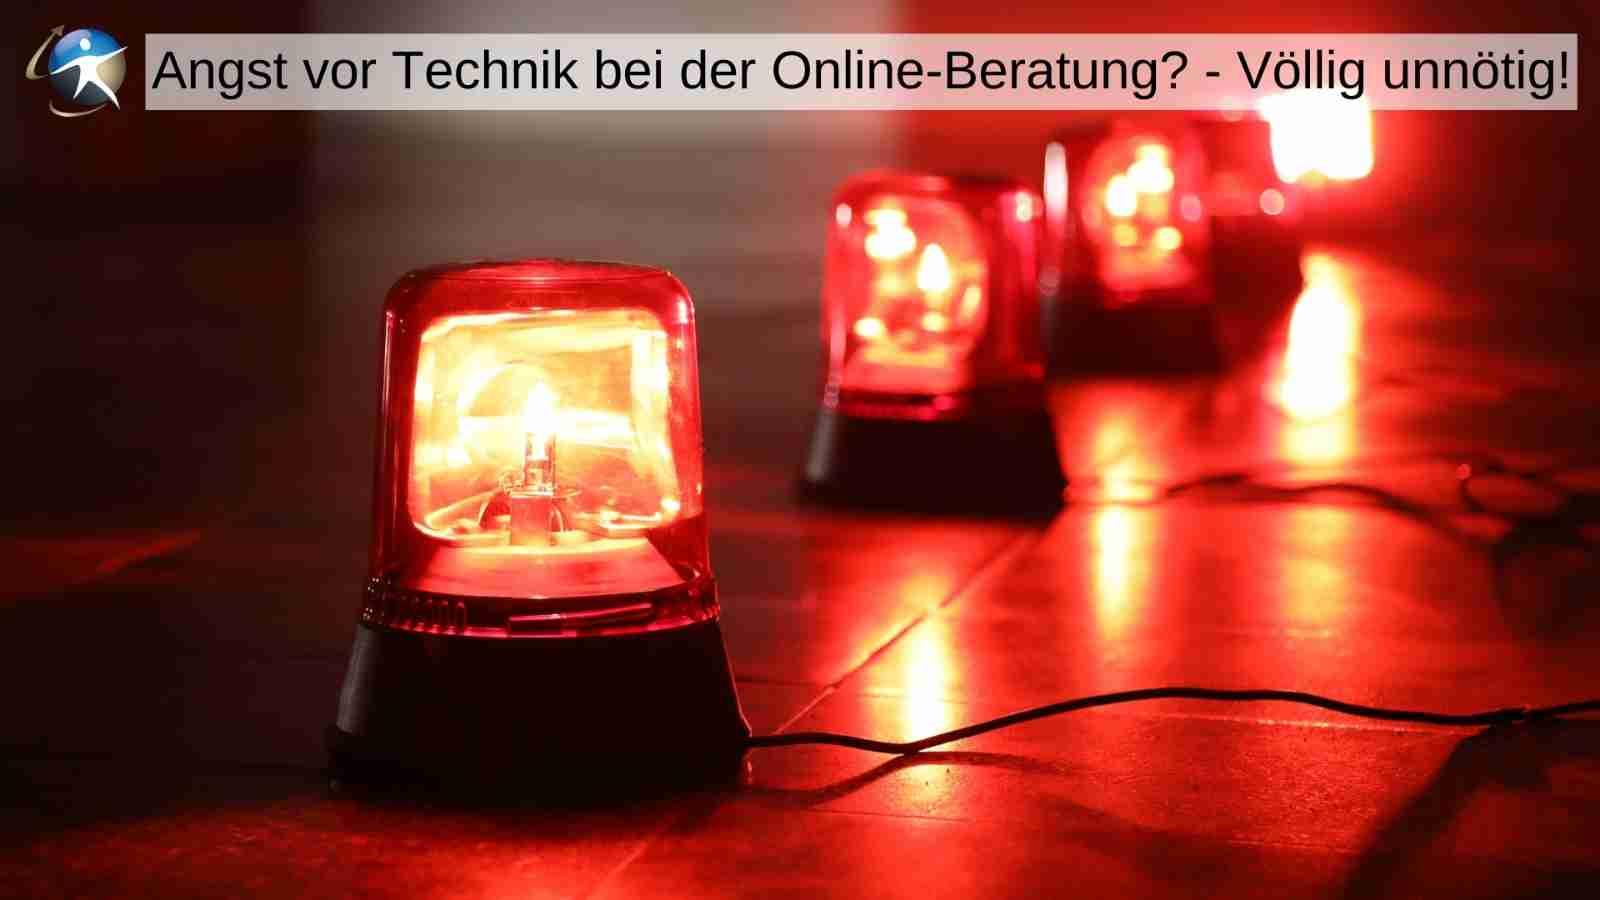 Für Online-Beratung ist keine komplizierte Technik nötig